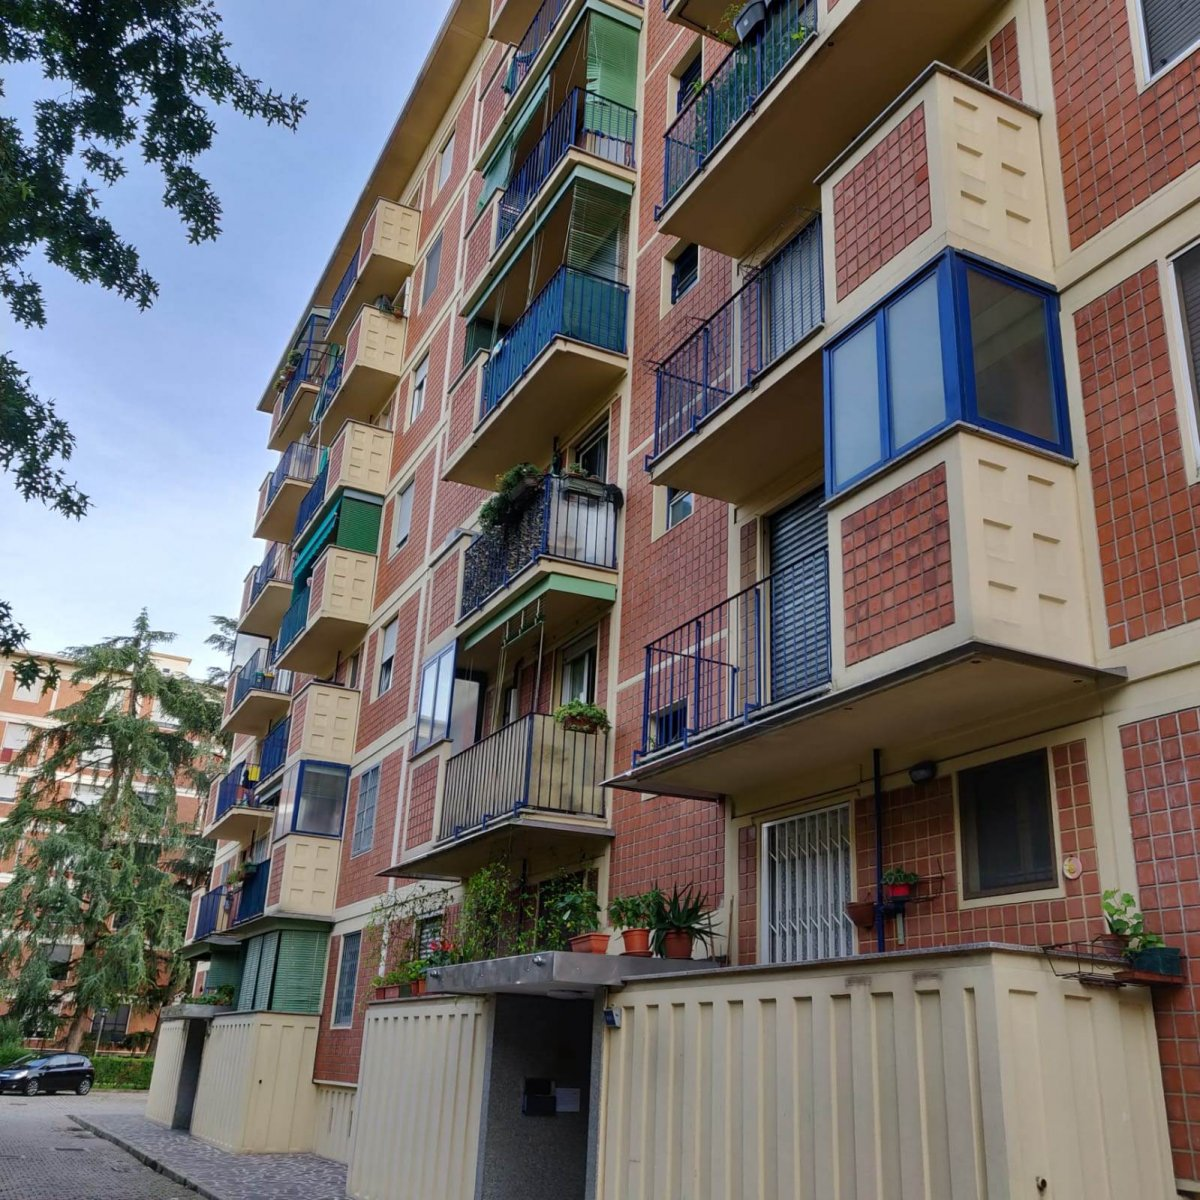 appartamento-in-vendita-milano-quartiere-olmi-milano-baggio-spaziourbano-immobiliare-vende-3